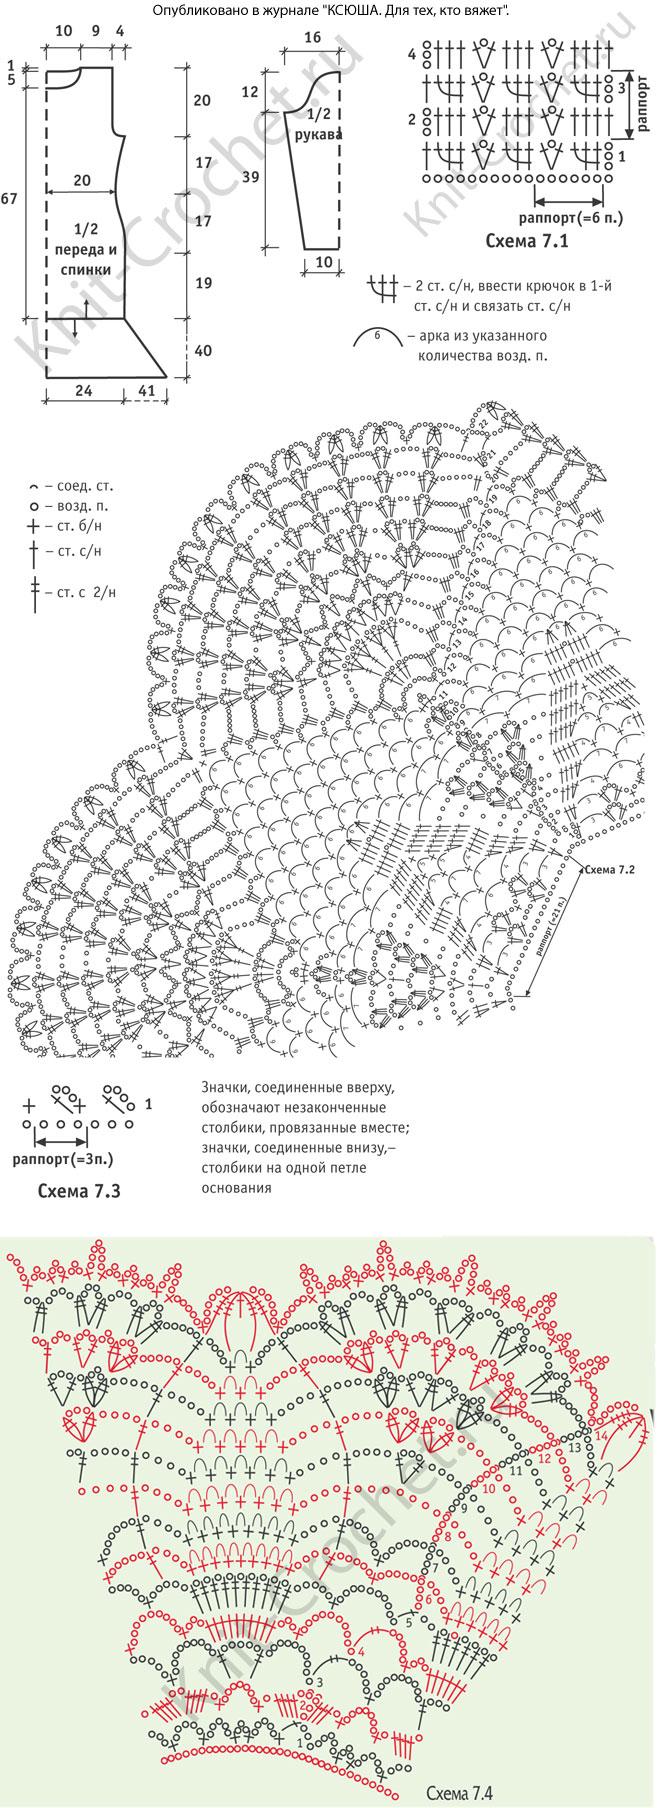 Выкройка, схемы узоров с описанием вязания крючком платья с каймой и круглым воротником размера 46-48.